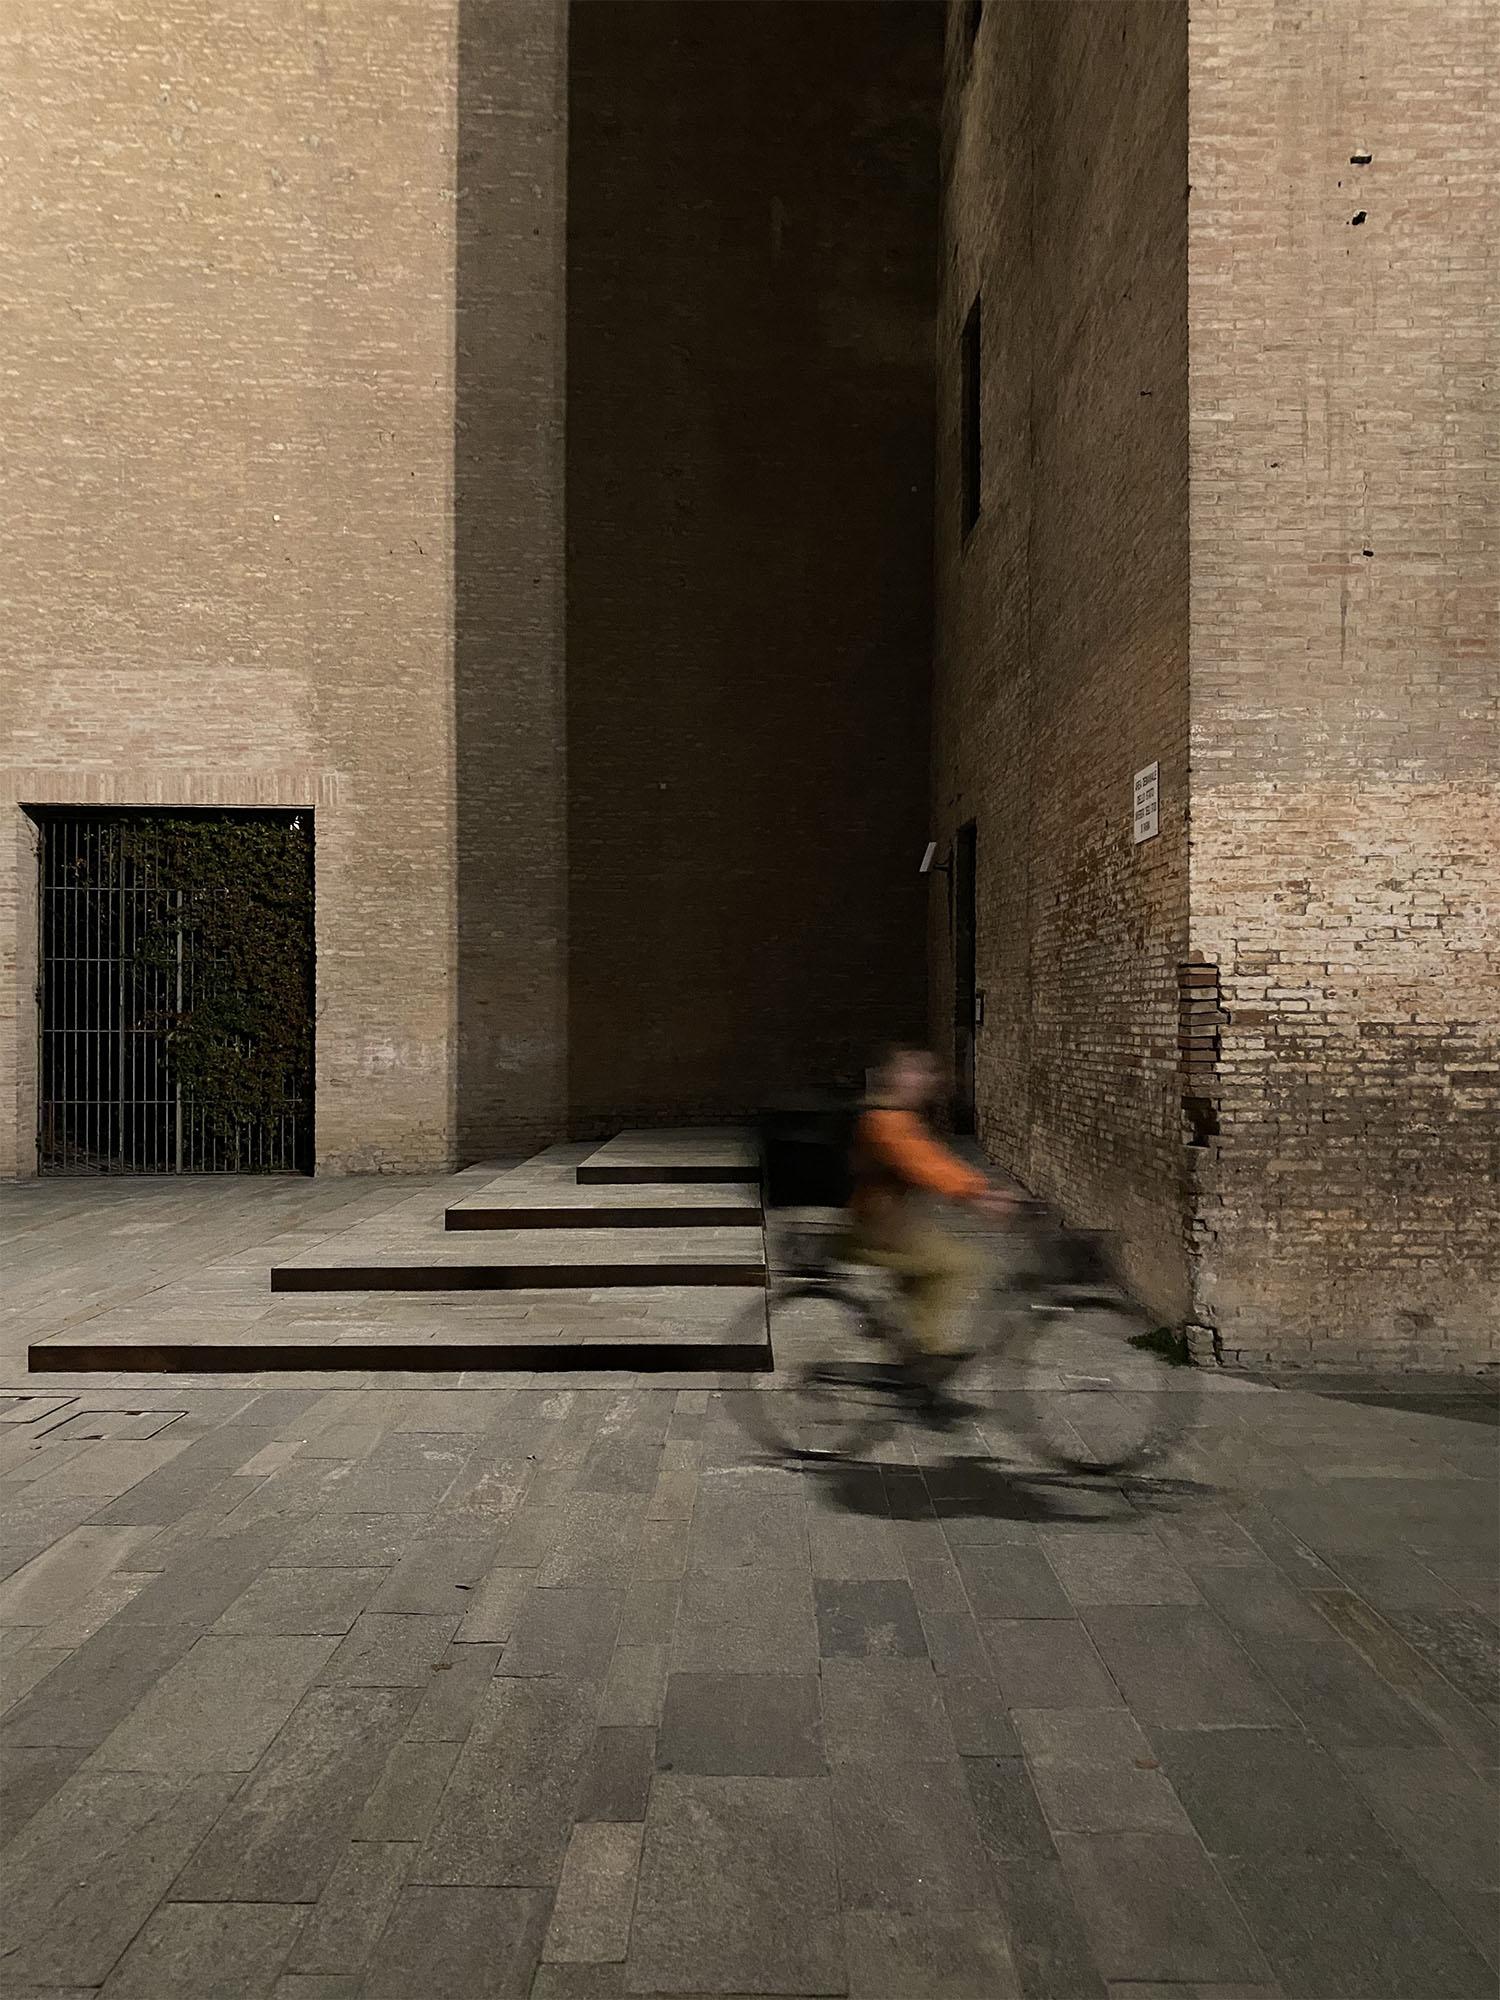 Il nuovo ingresso all'Università degli Studi di Parma Luca Faroldi, photographer